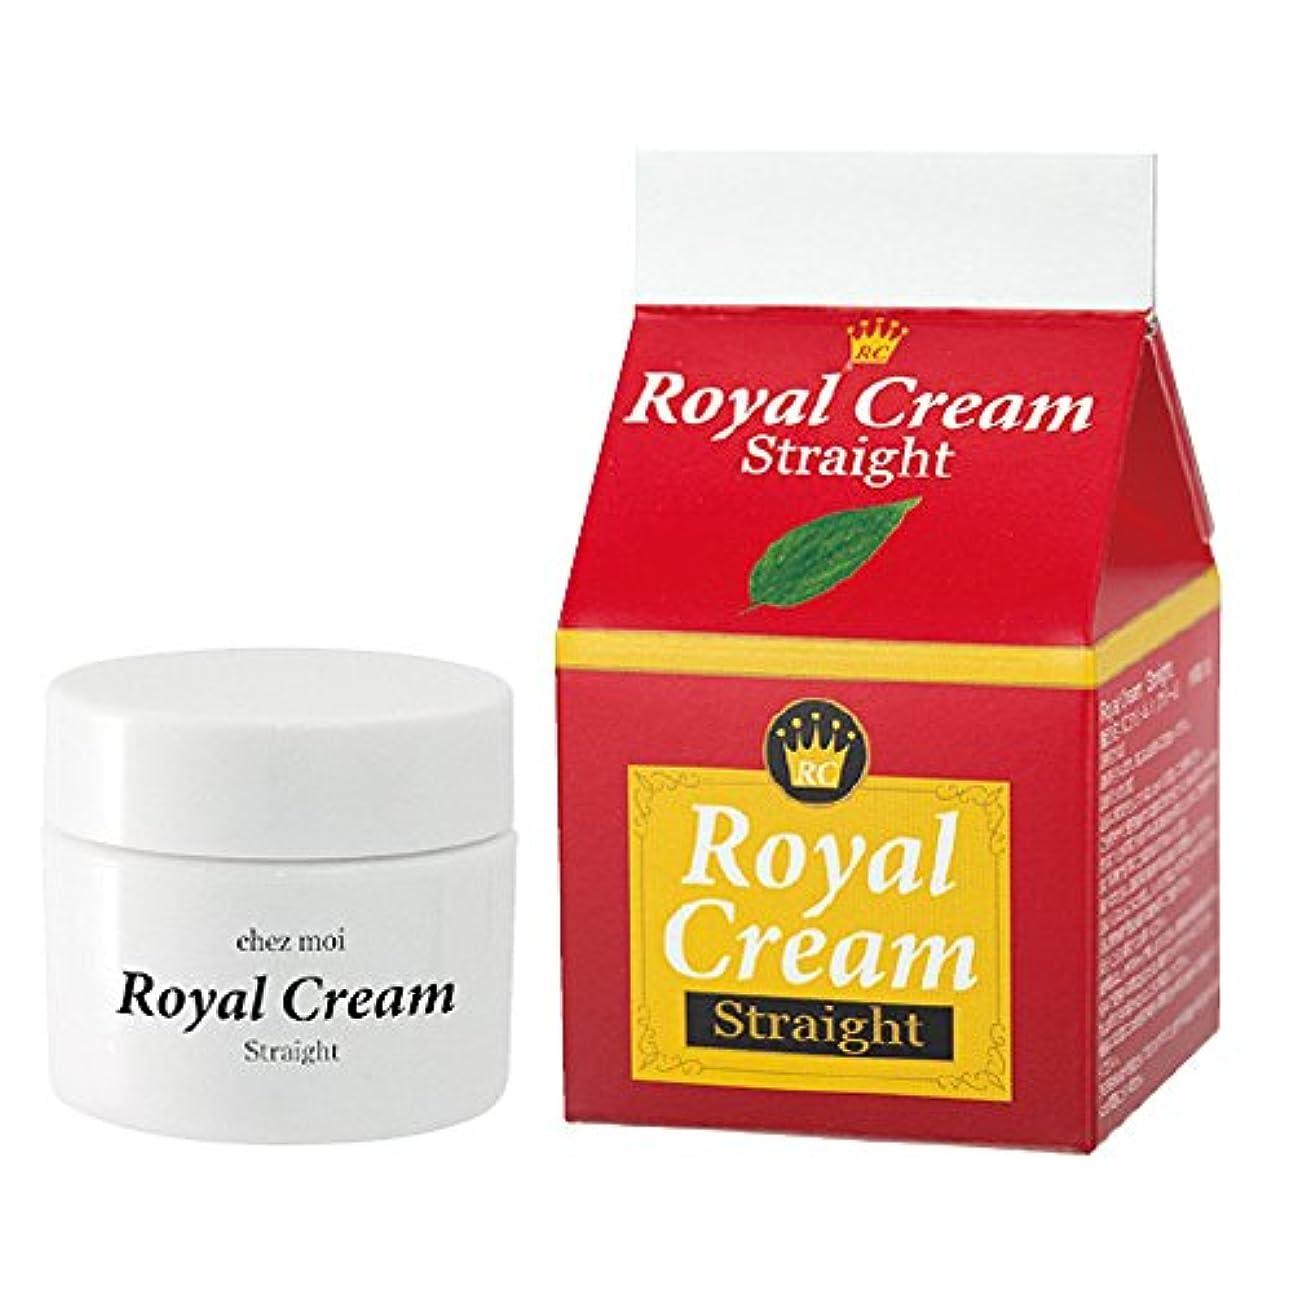 浅いあなたは虫を数えるシェモア Royal Cream Straight(ロイヤルクリームストレート) 30g